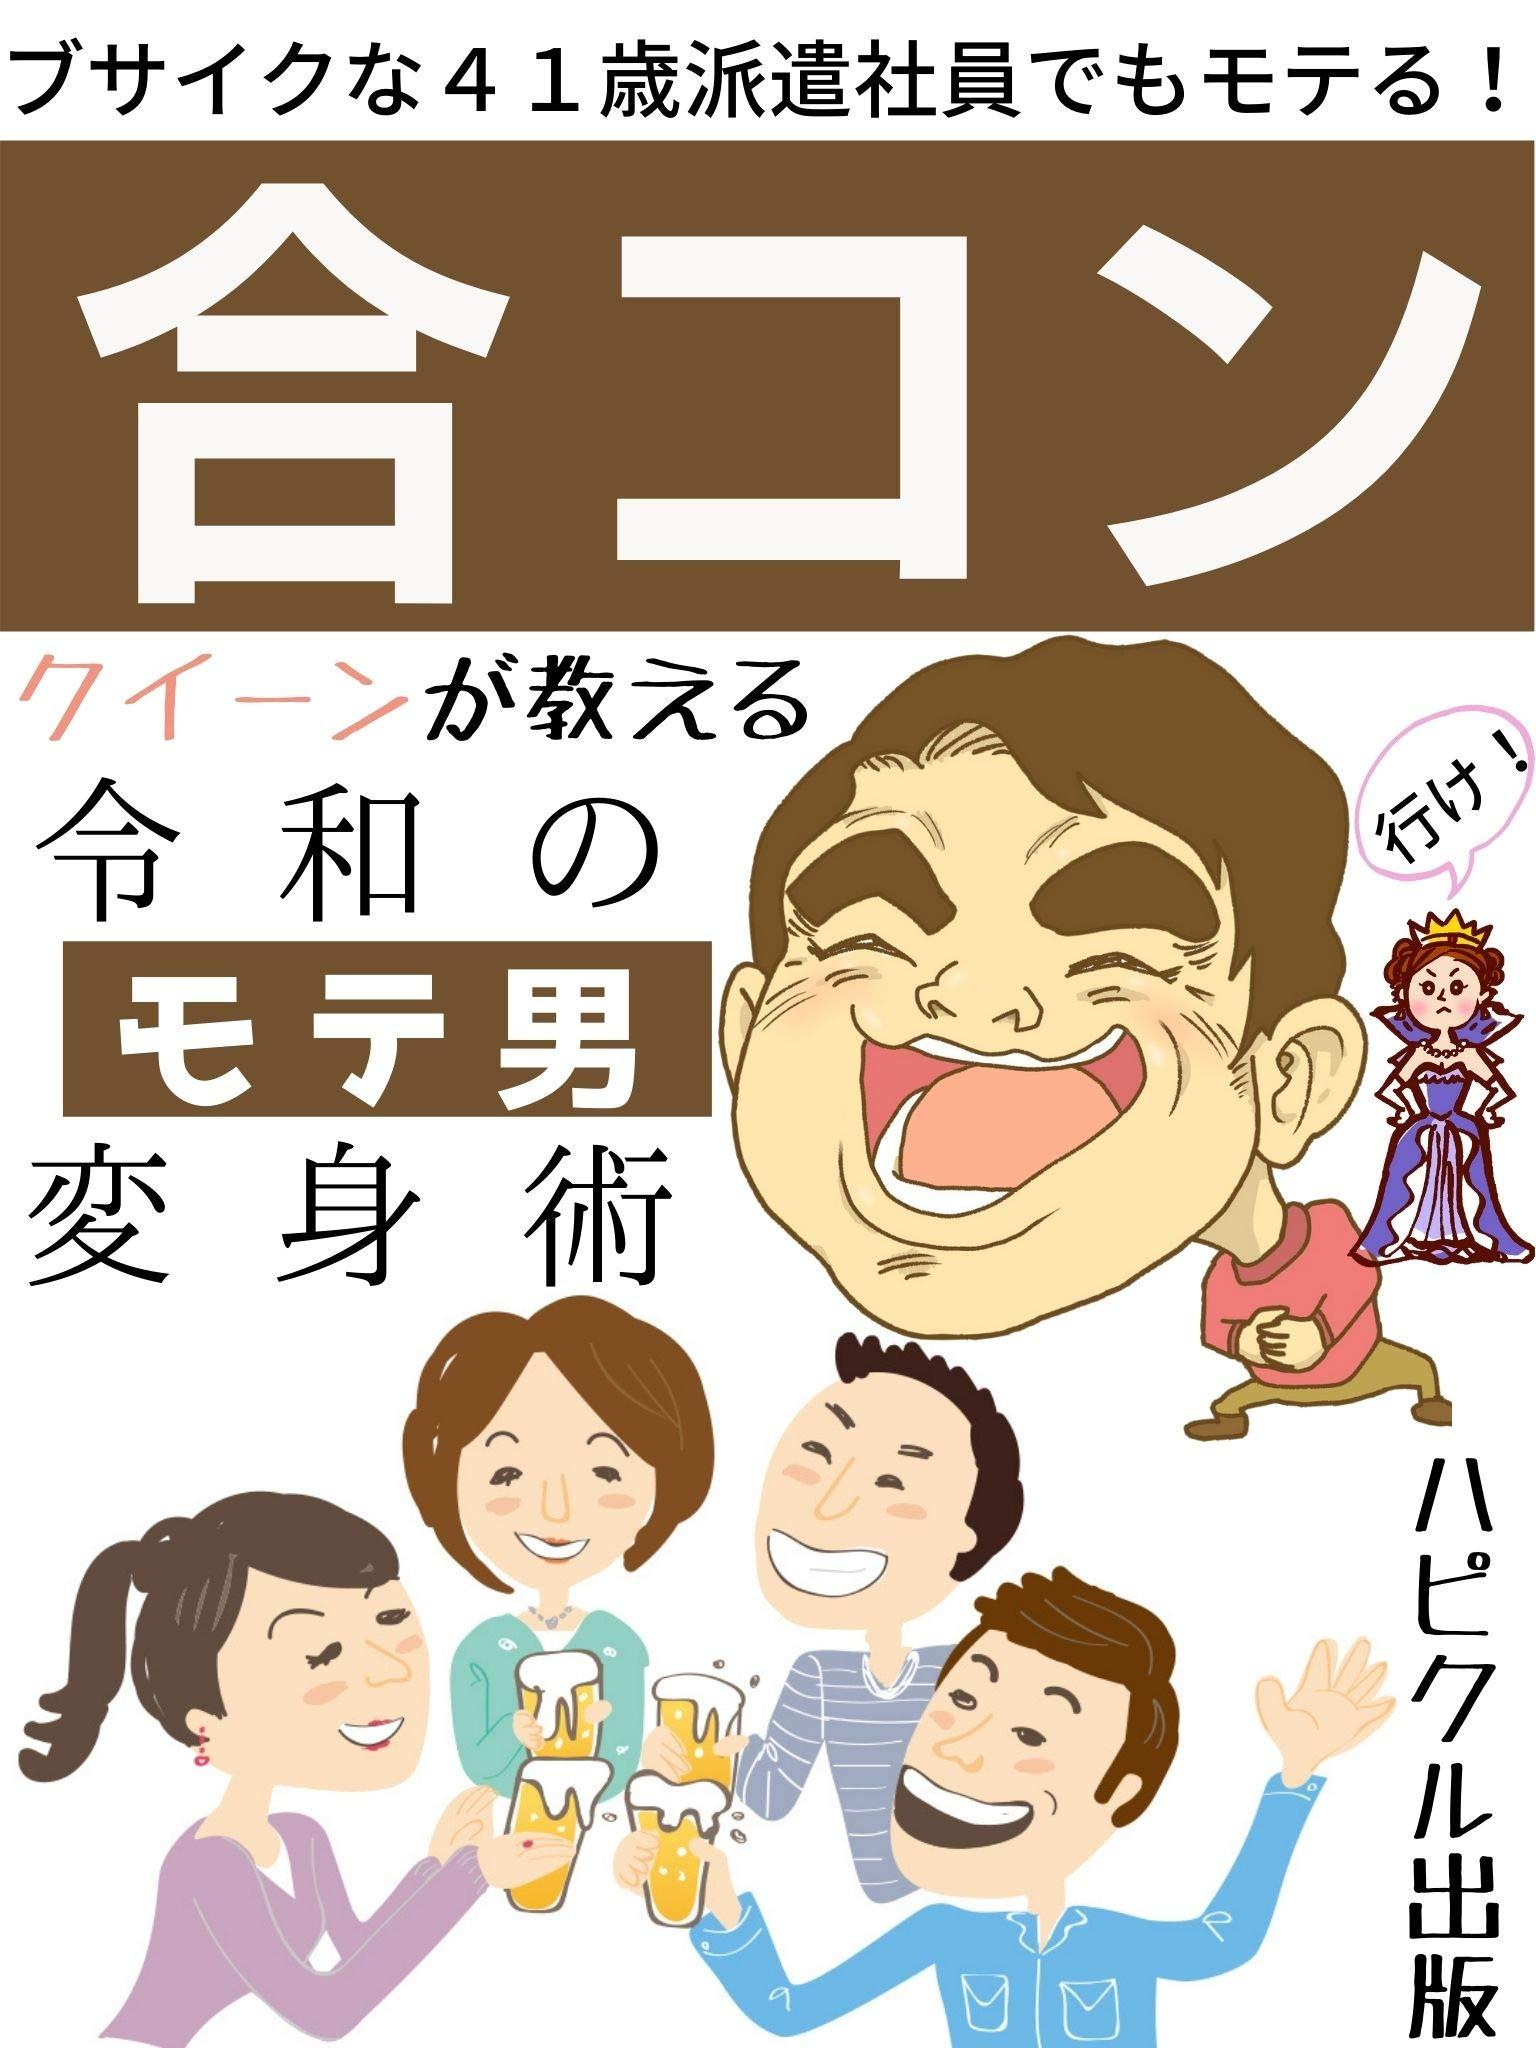 busaikunayonnjuuissaihakennsyainndemomoteru: goukonnkui-nngaosierureiwanomoteotokohennsinnjutunikushokuaiteiikannji (Japanese Edition)